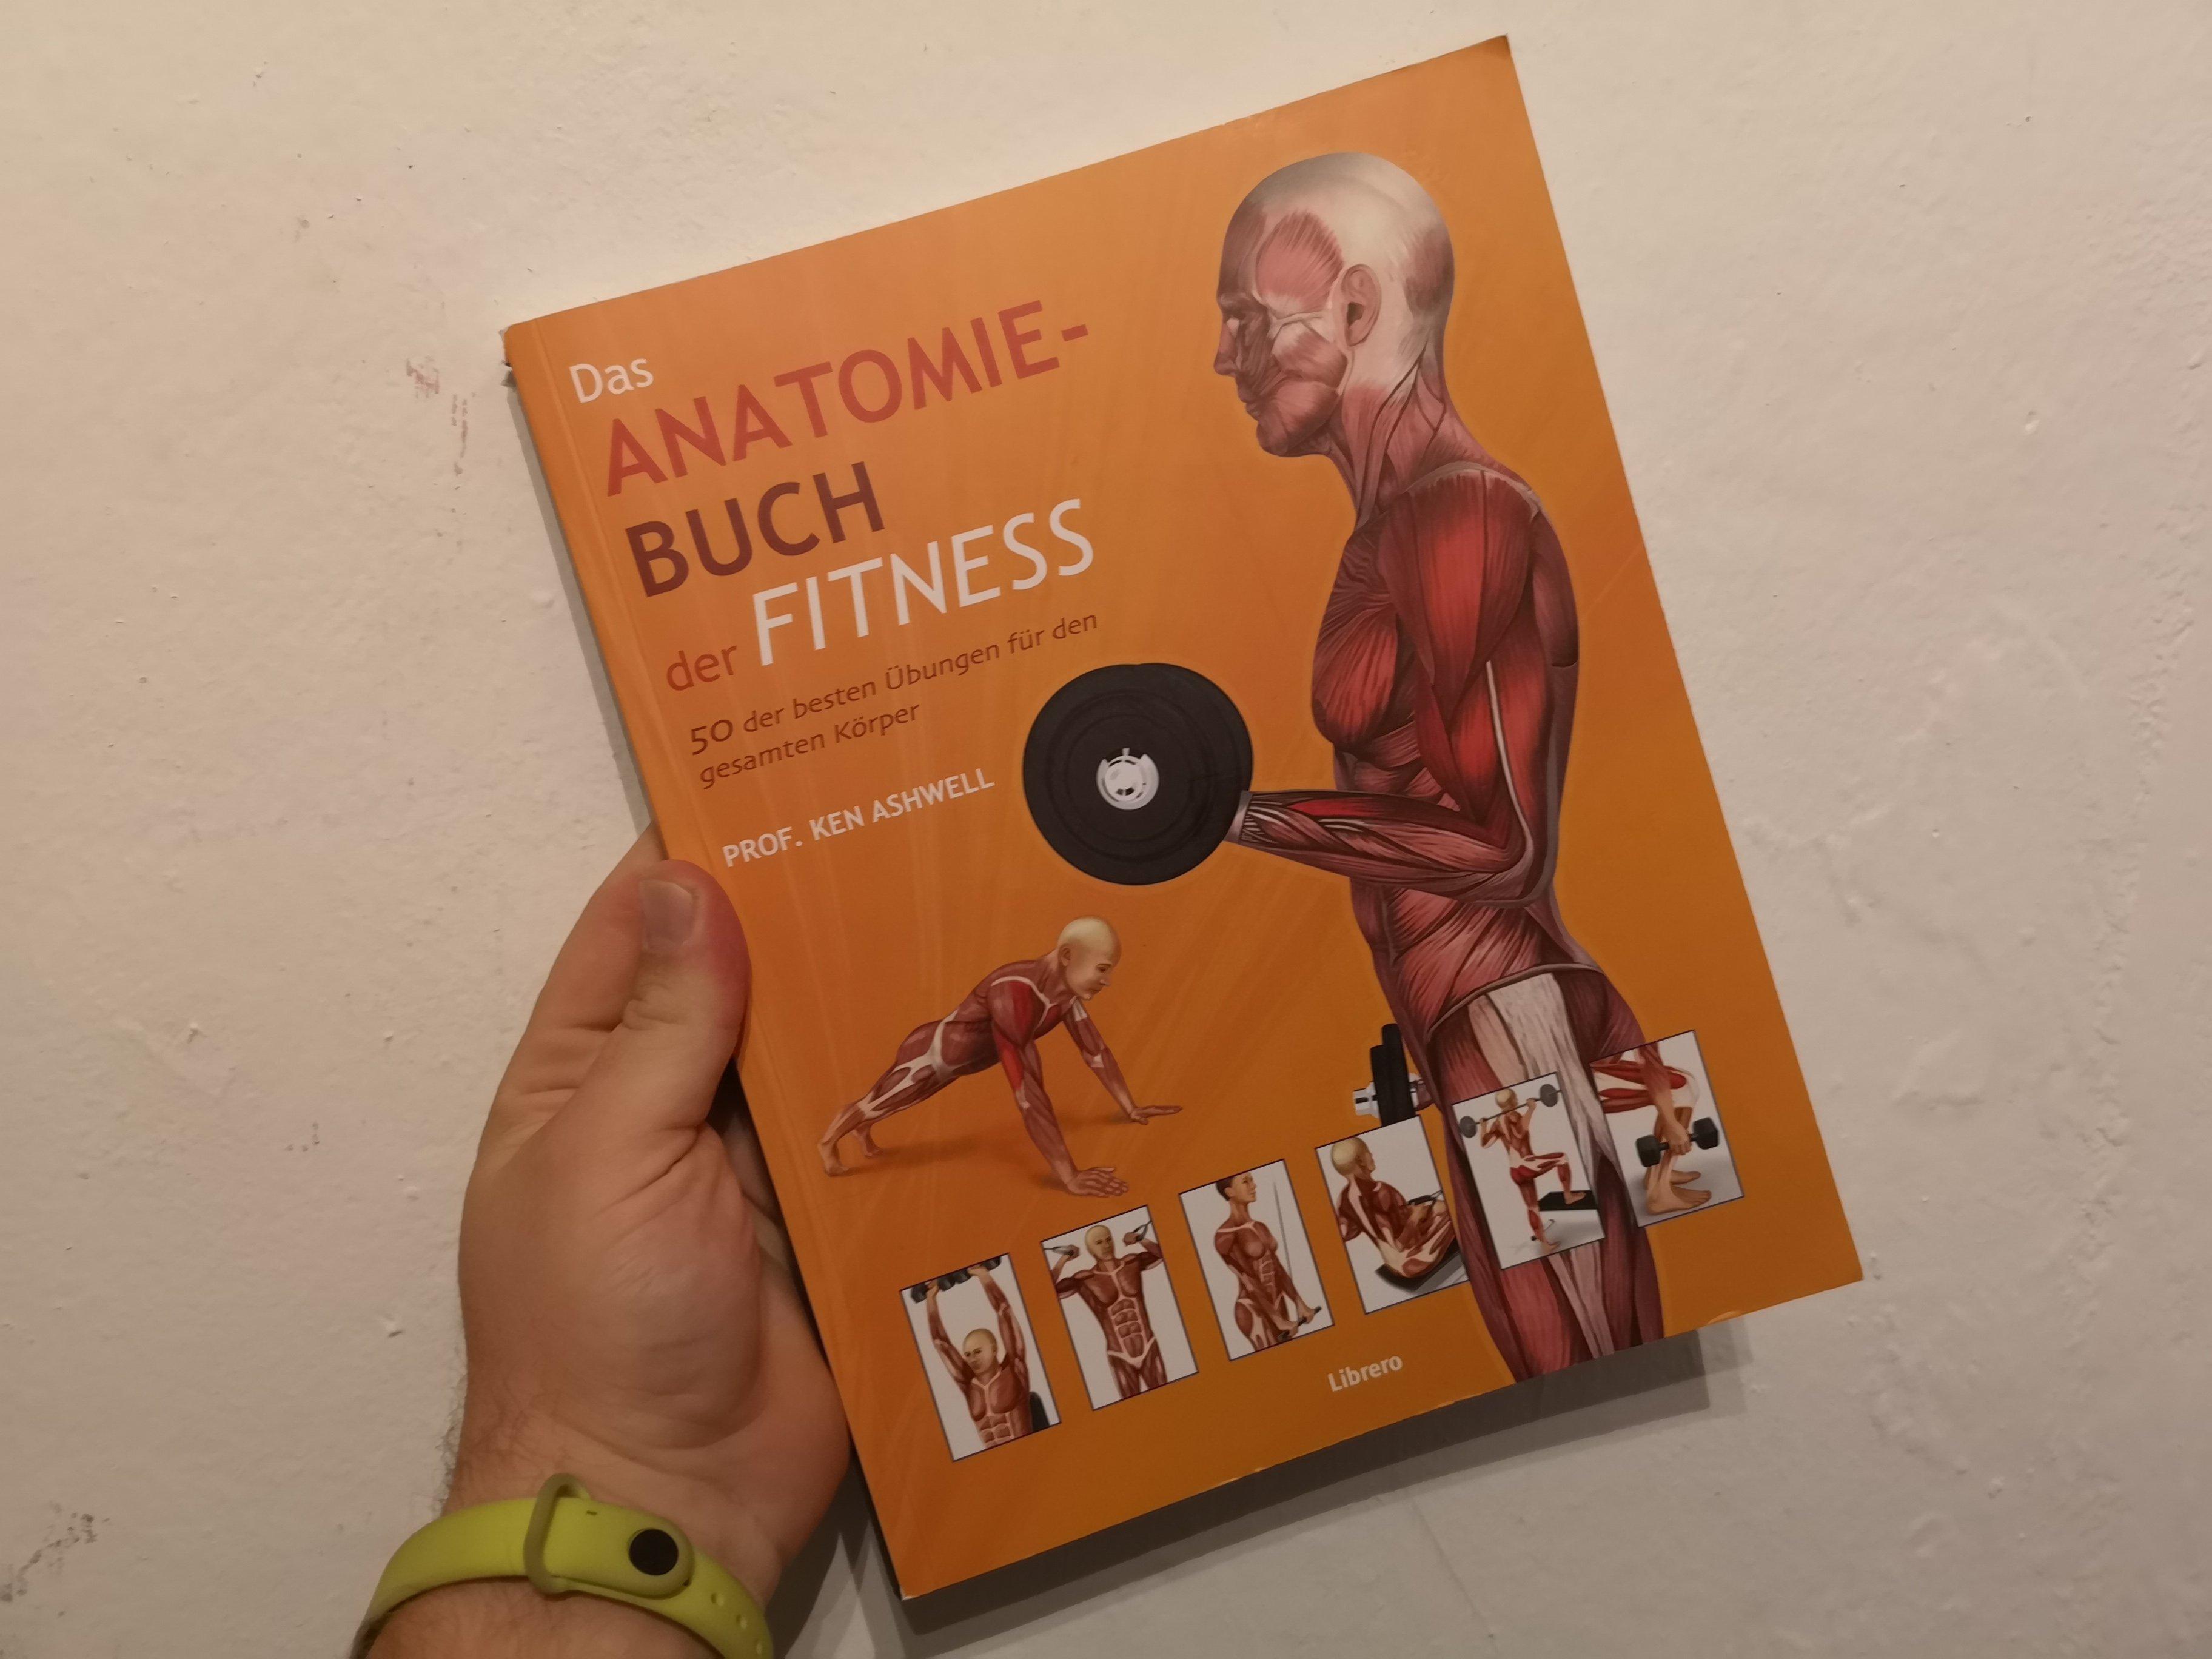 Anatomie-Buch der Fitness